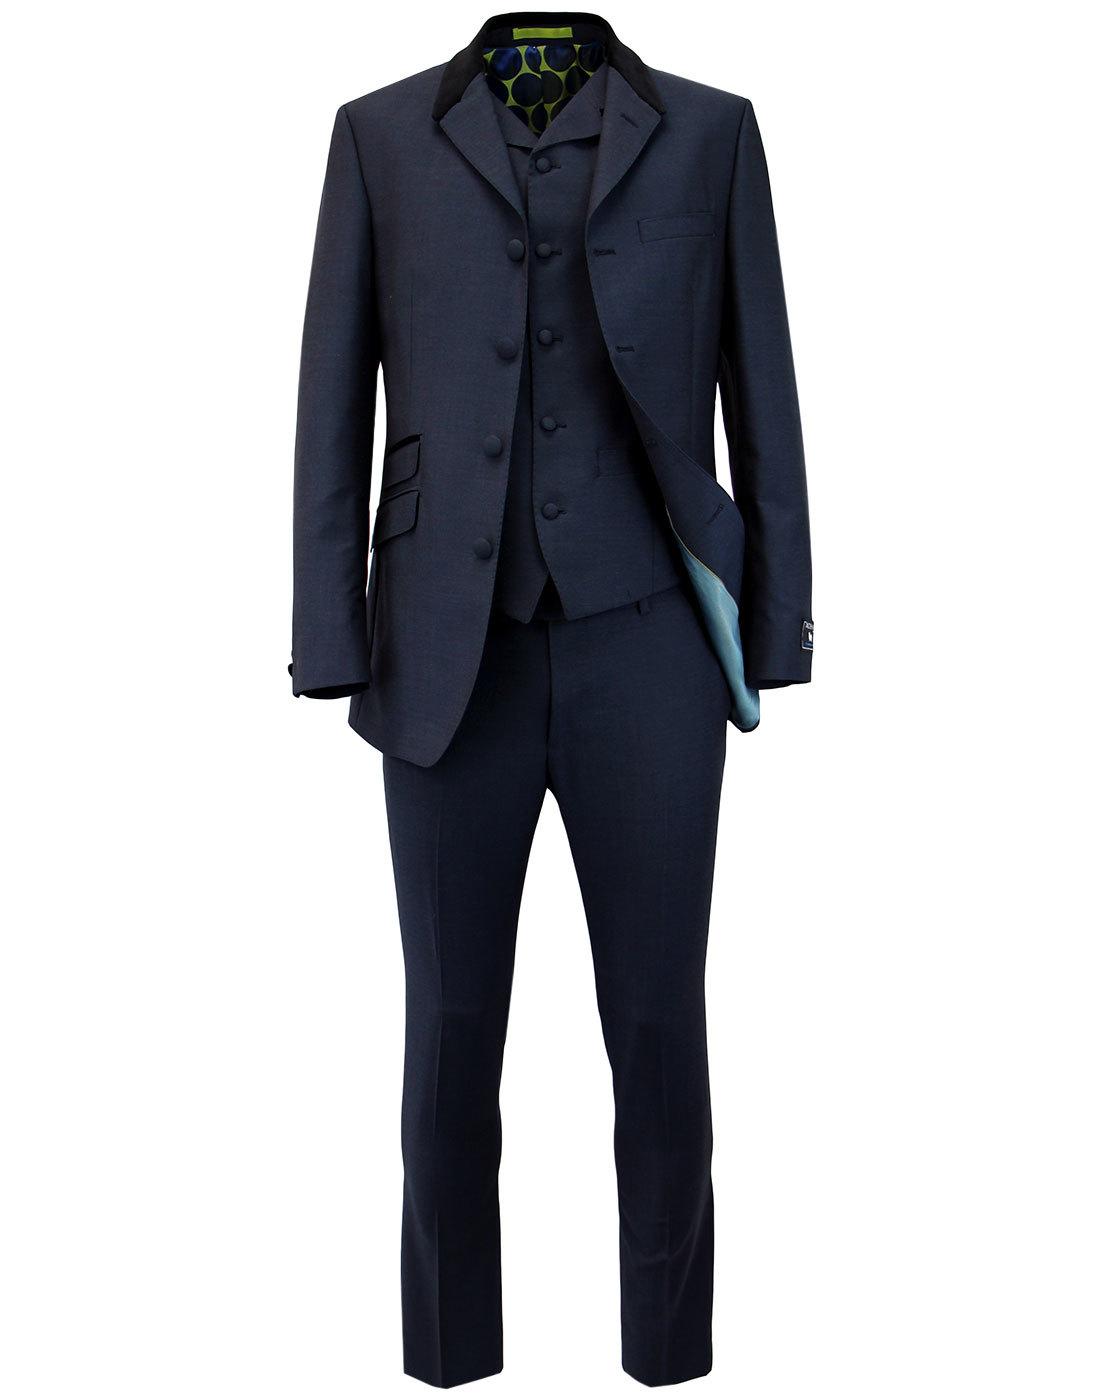 madcap england 60s mod 4 button mohair suit navy